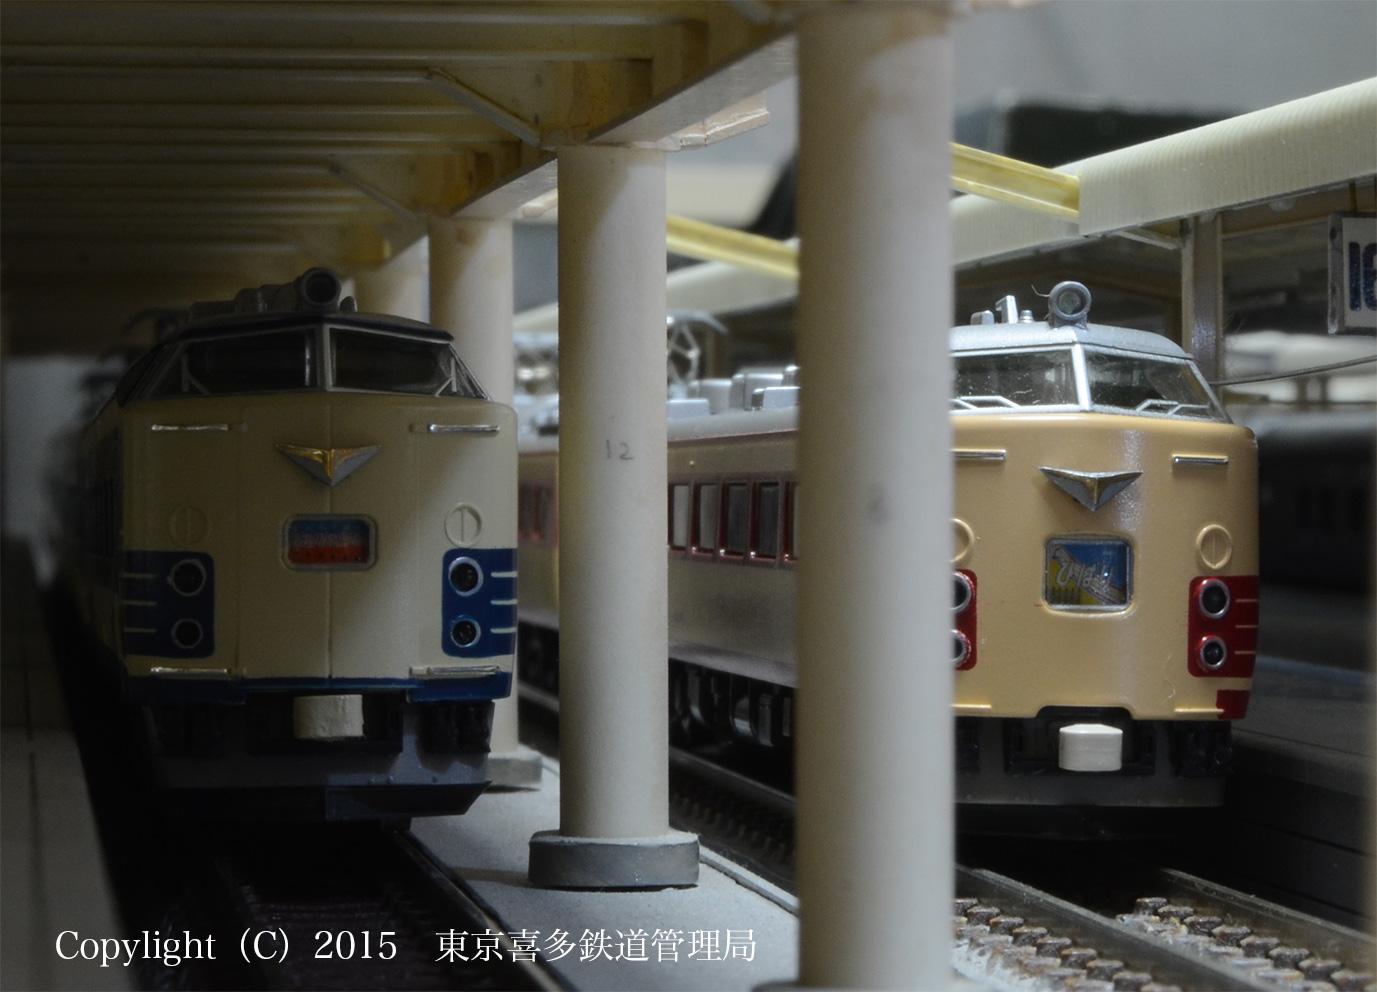 006_track15_16.jpg